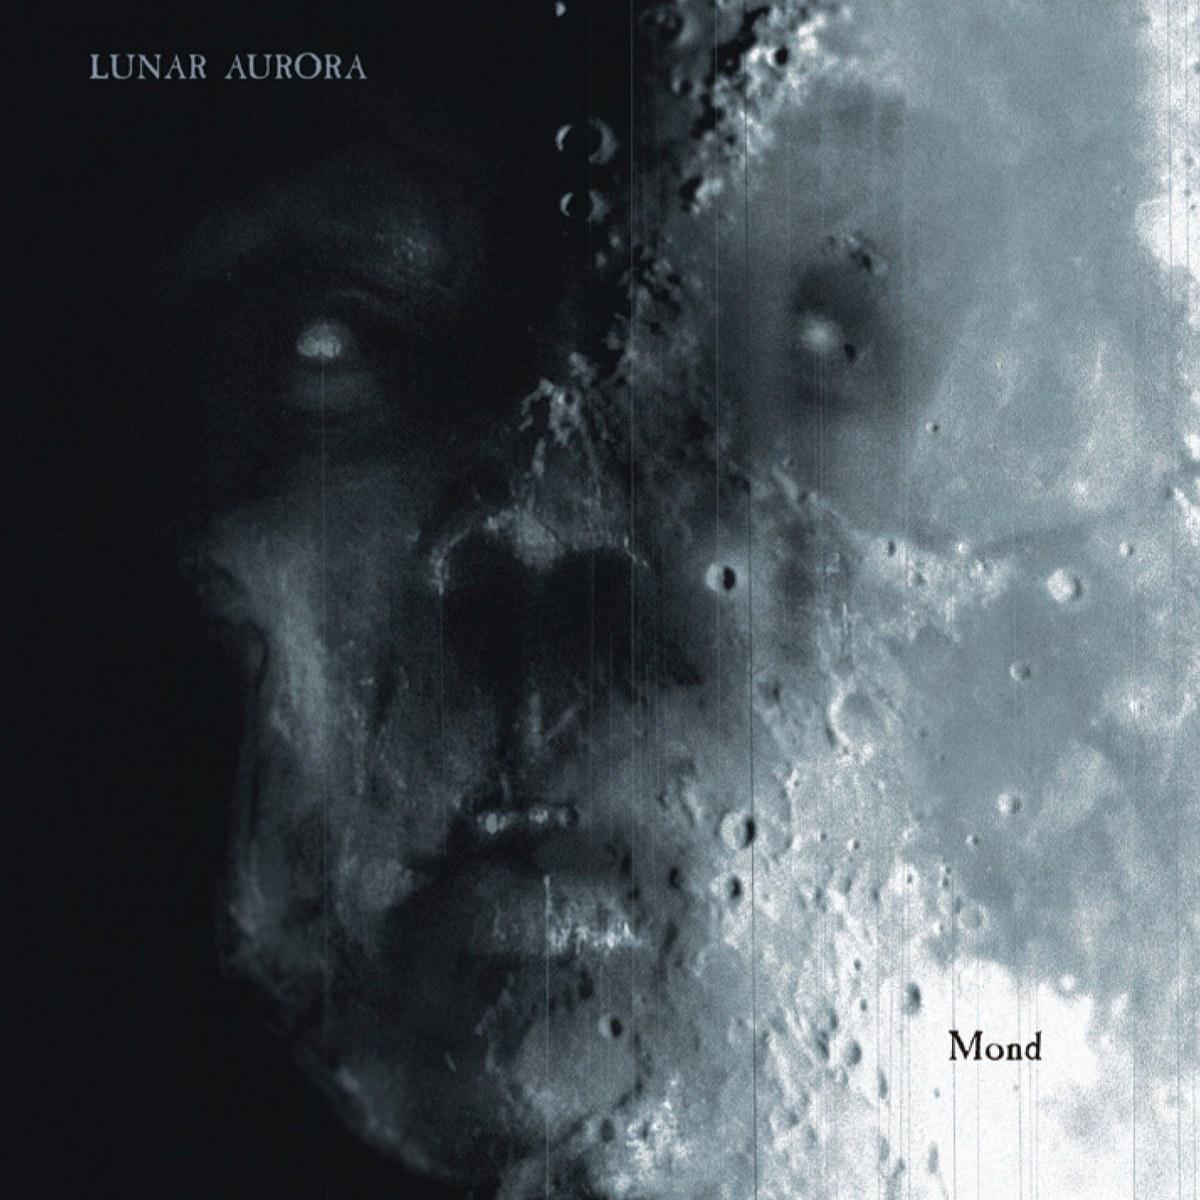 Lunar Aurora - Mond